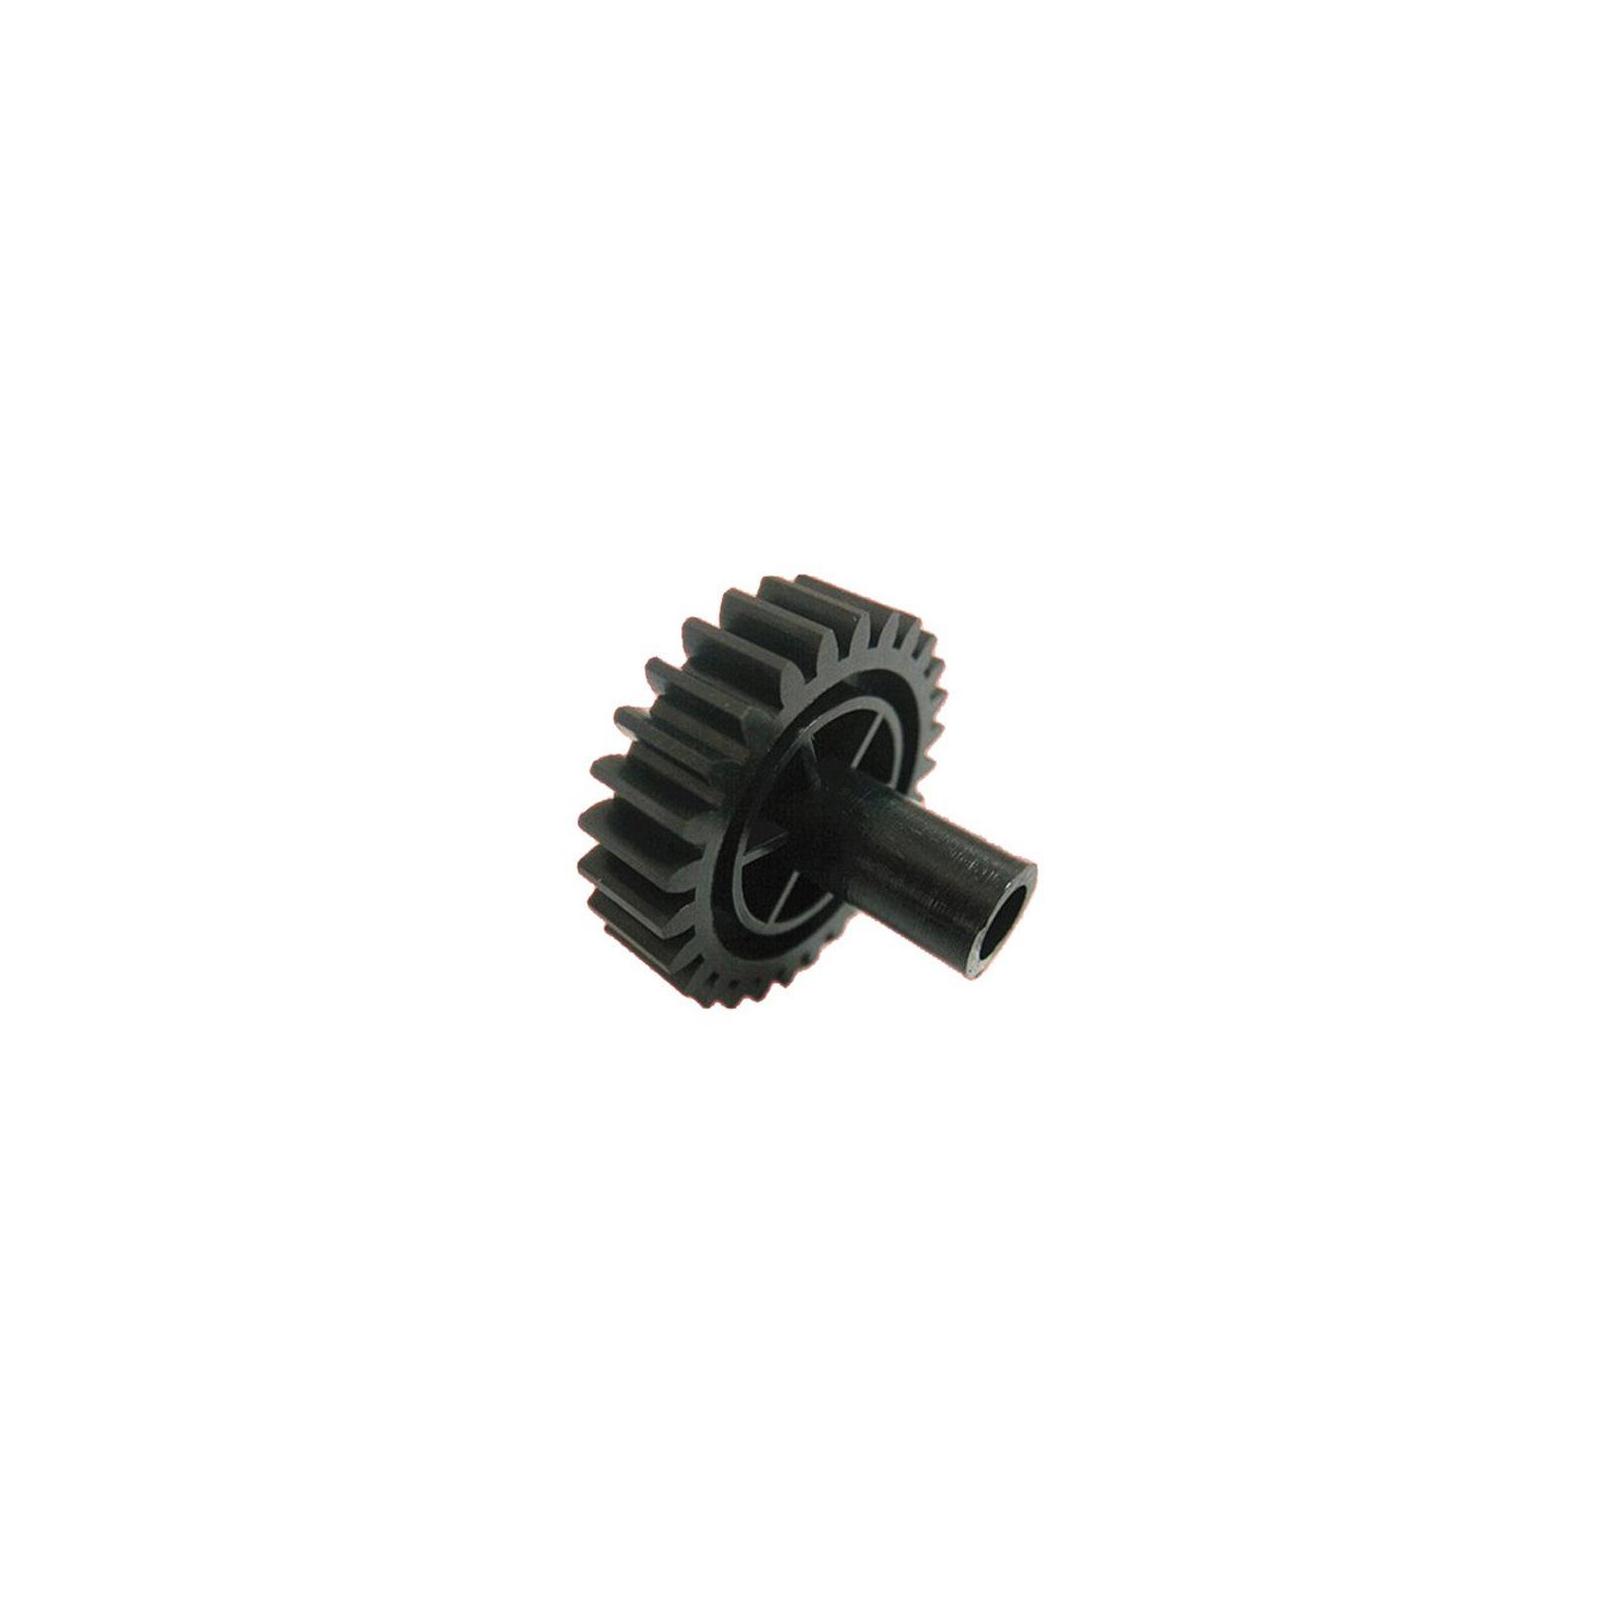 Шестерня узла закрепления HP LJ 4200/4300 аналог RU5-0017-000 27T АНК (23270)